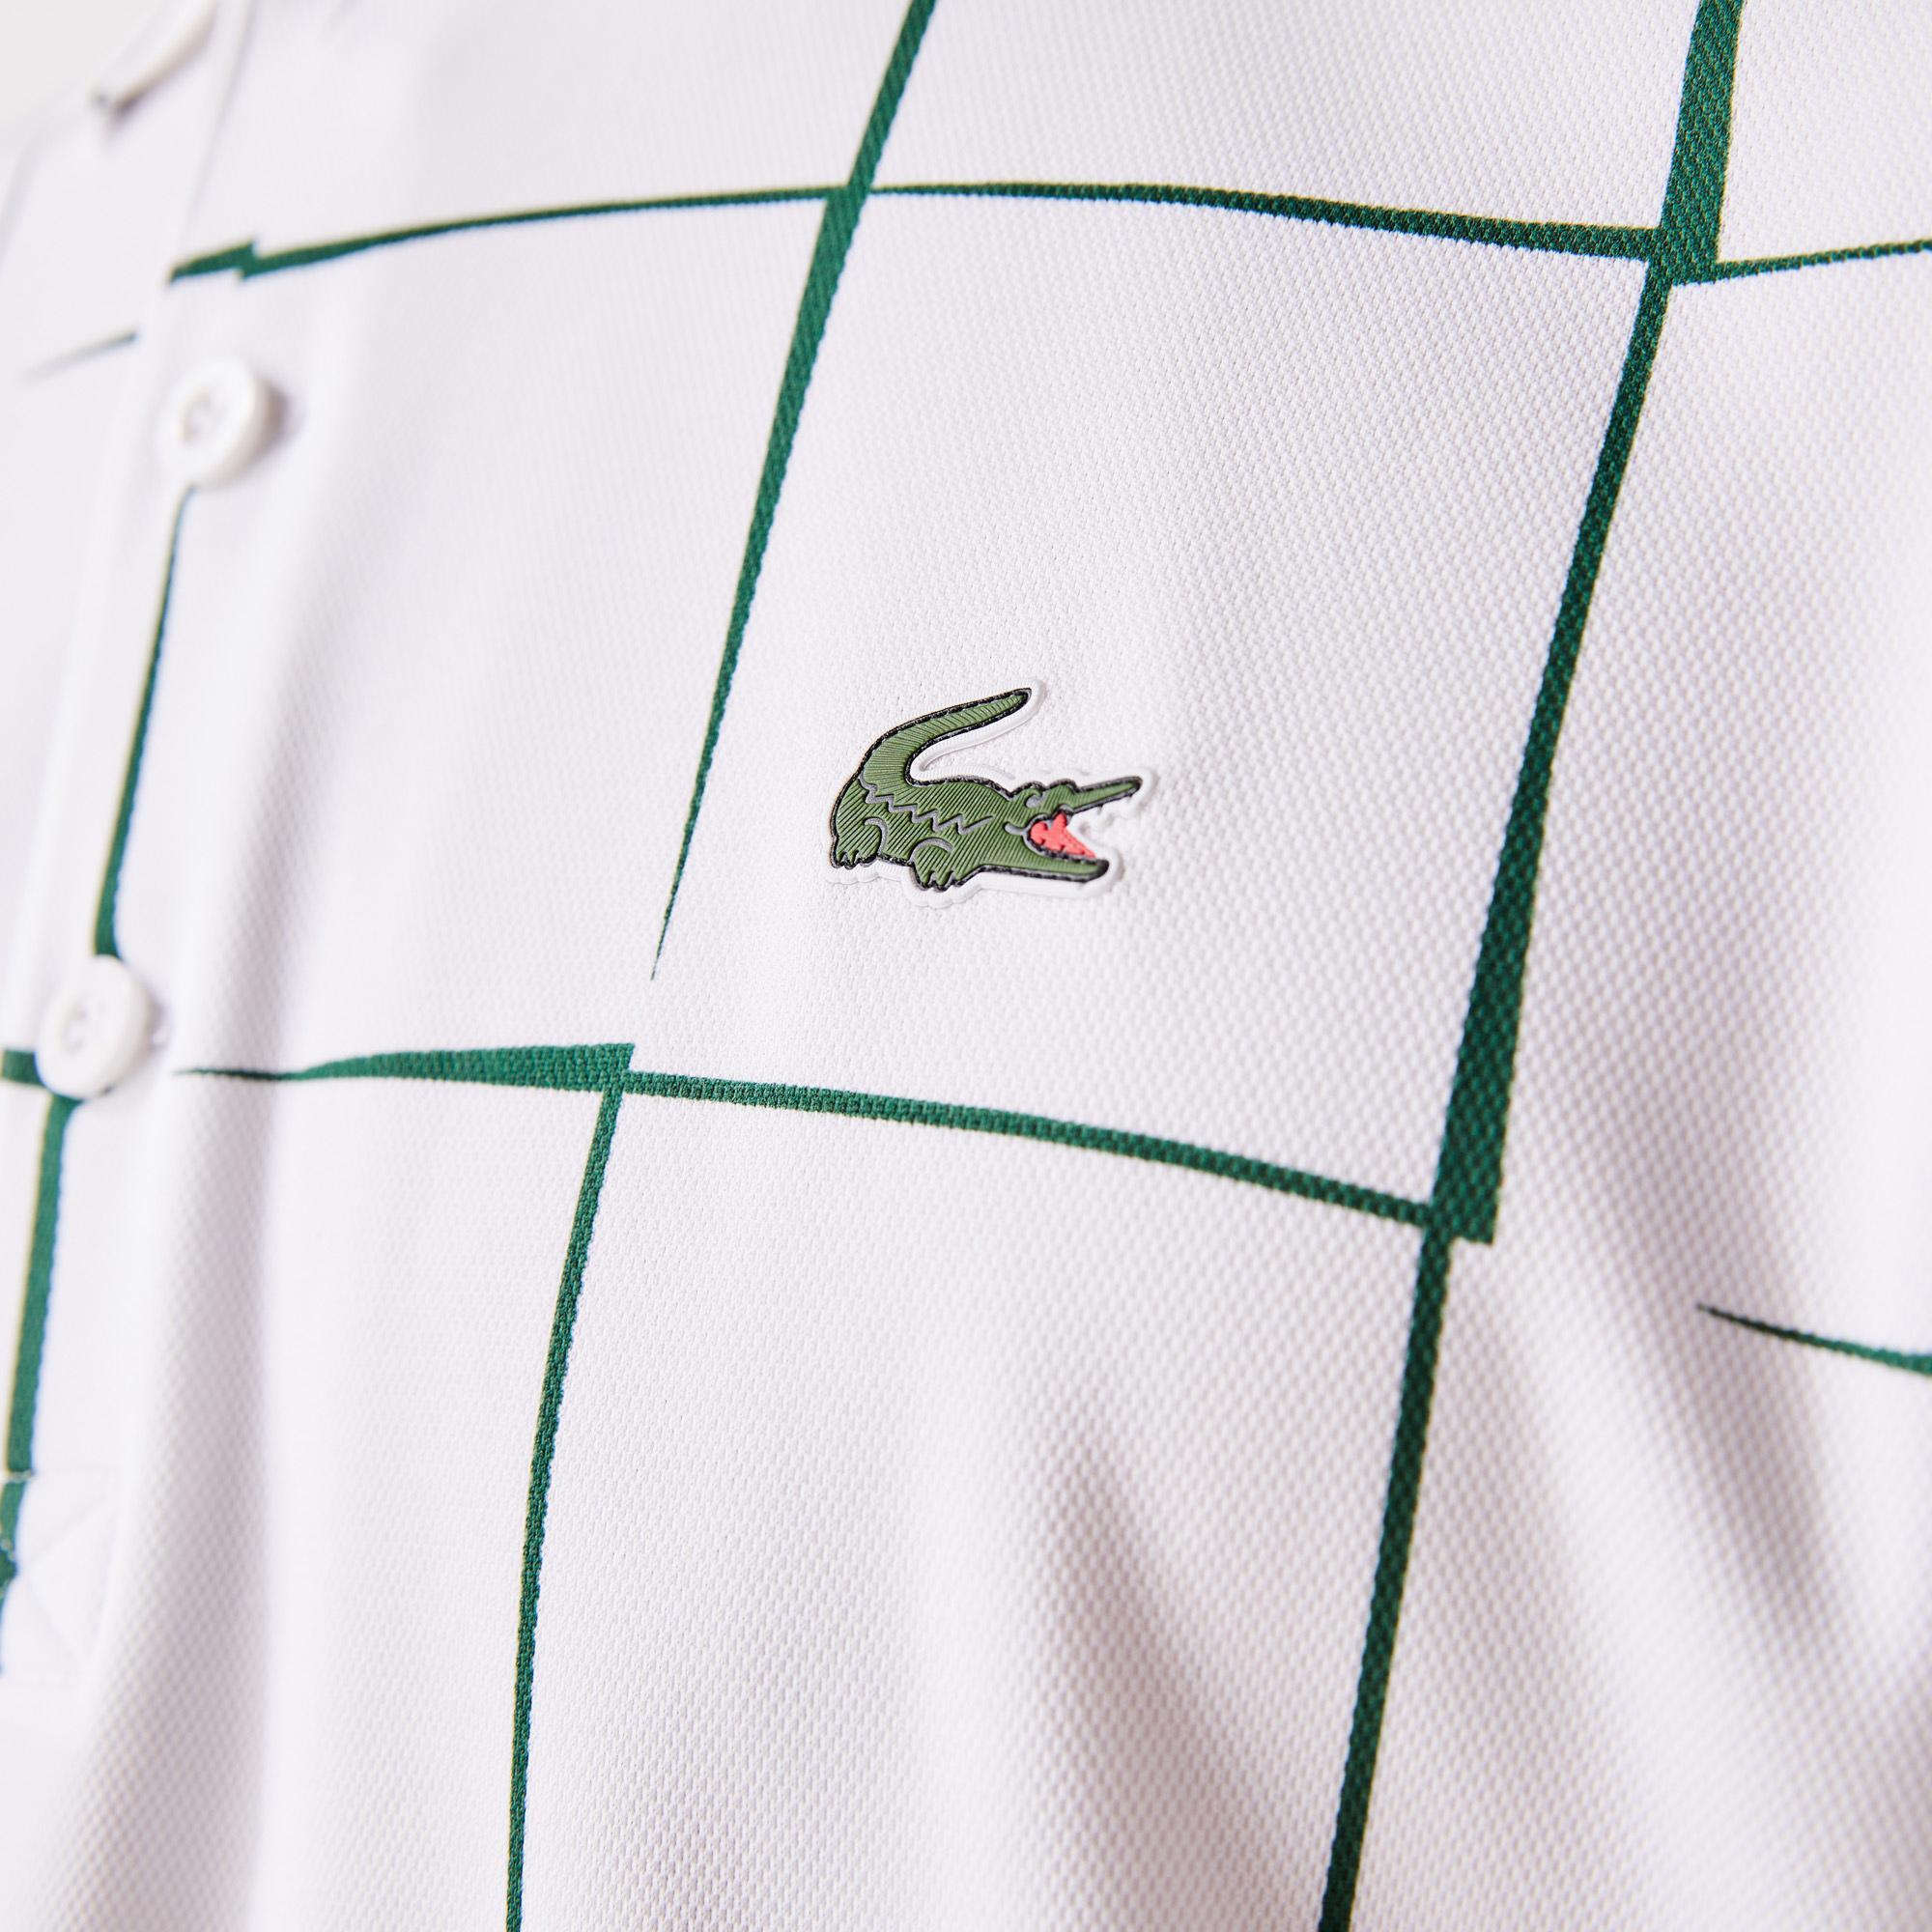 Lacoste Sport Erkek Baskılı Yeşil Polo